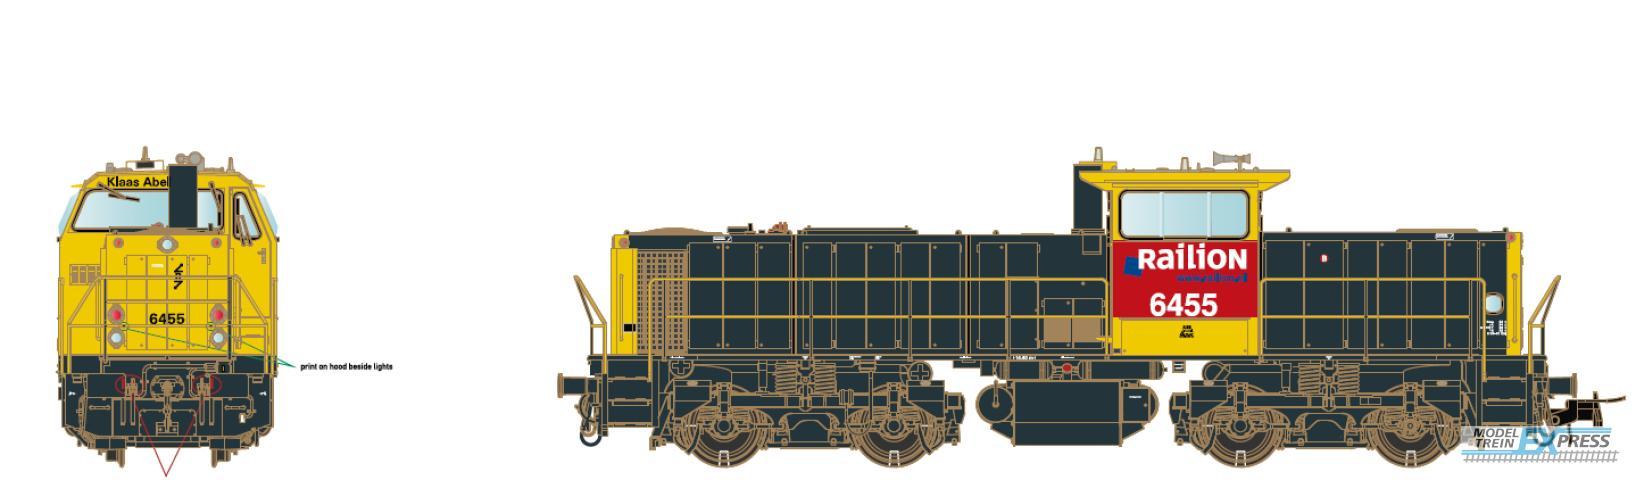 Rocky-Rail 64553